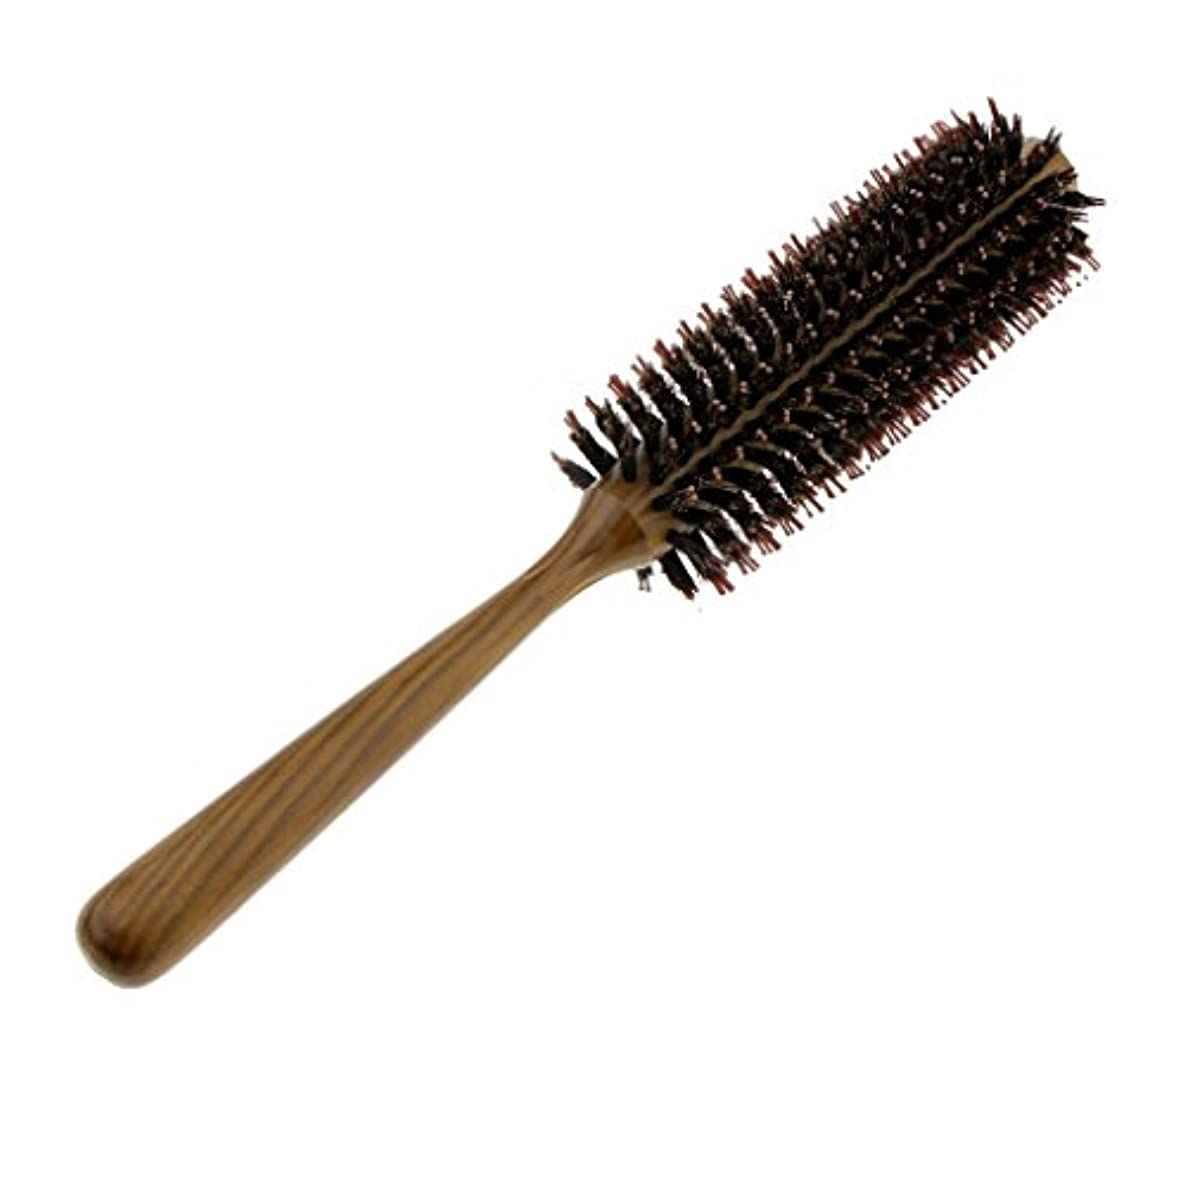 オートマトン動かない絶望的なブラシラウンドヘア櫛波状カーリースタイリングカーリング美容髪ブラシ - M